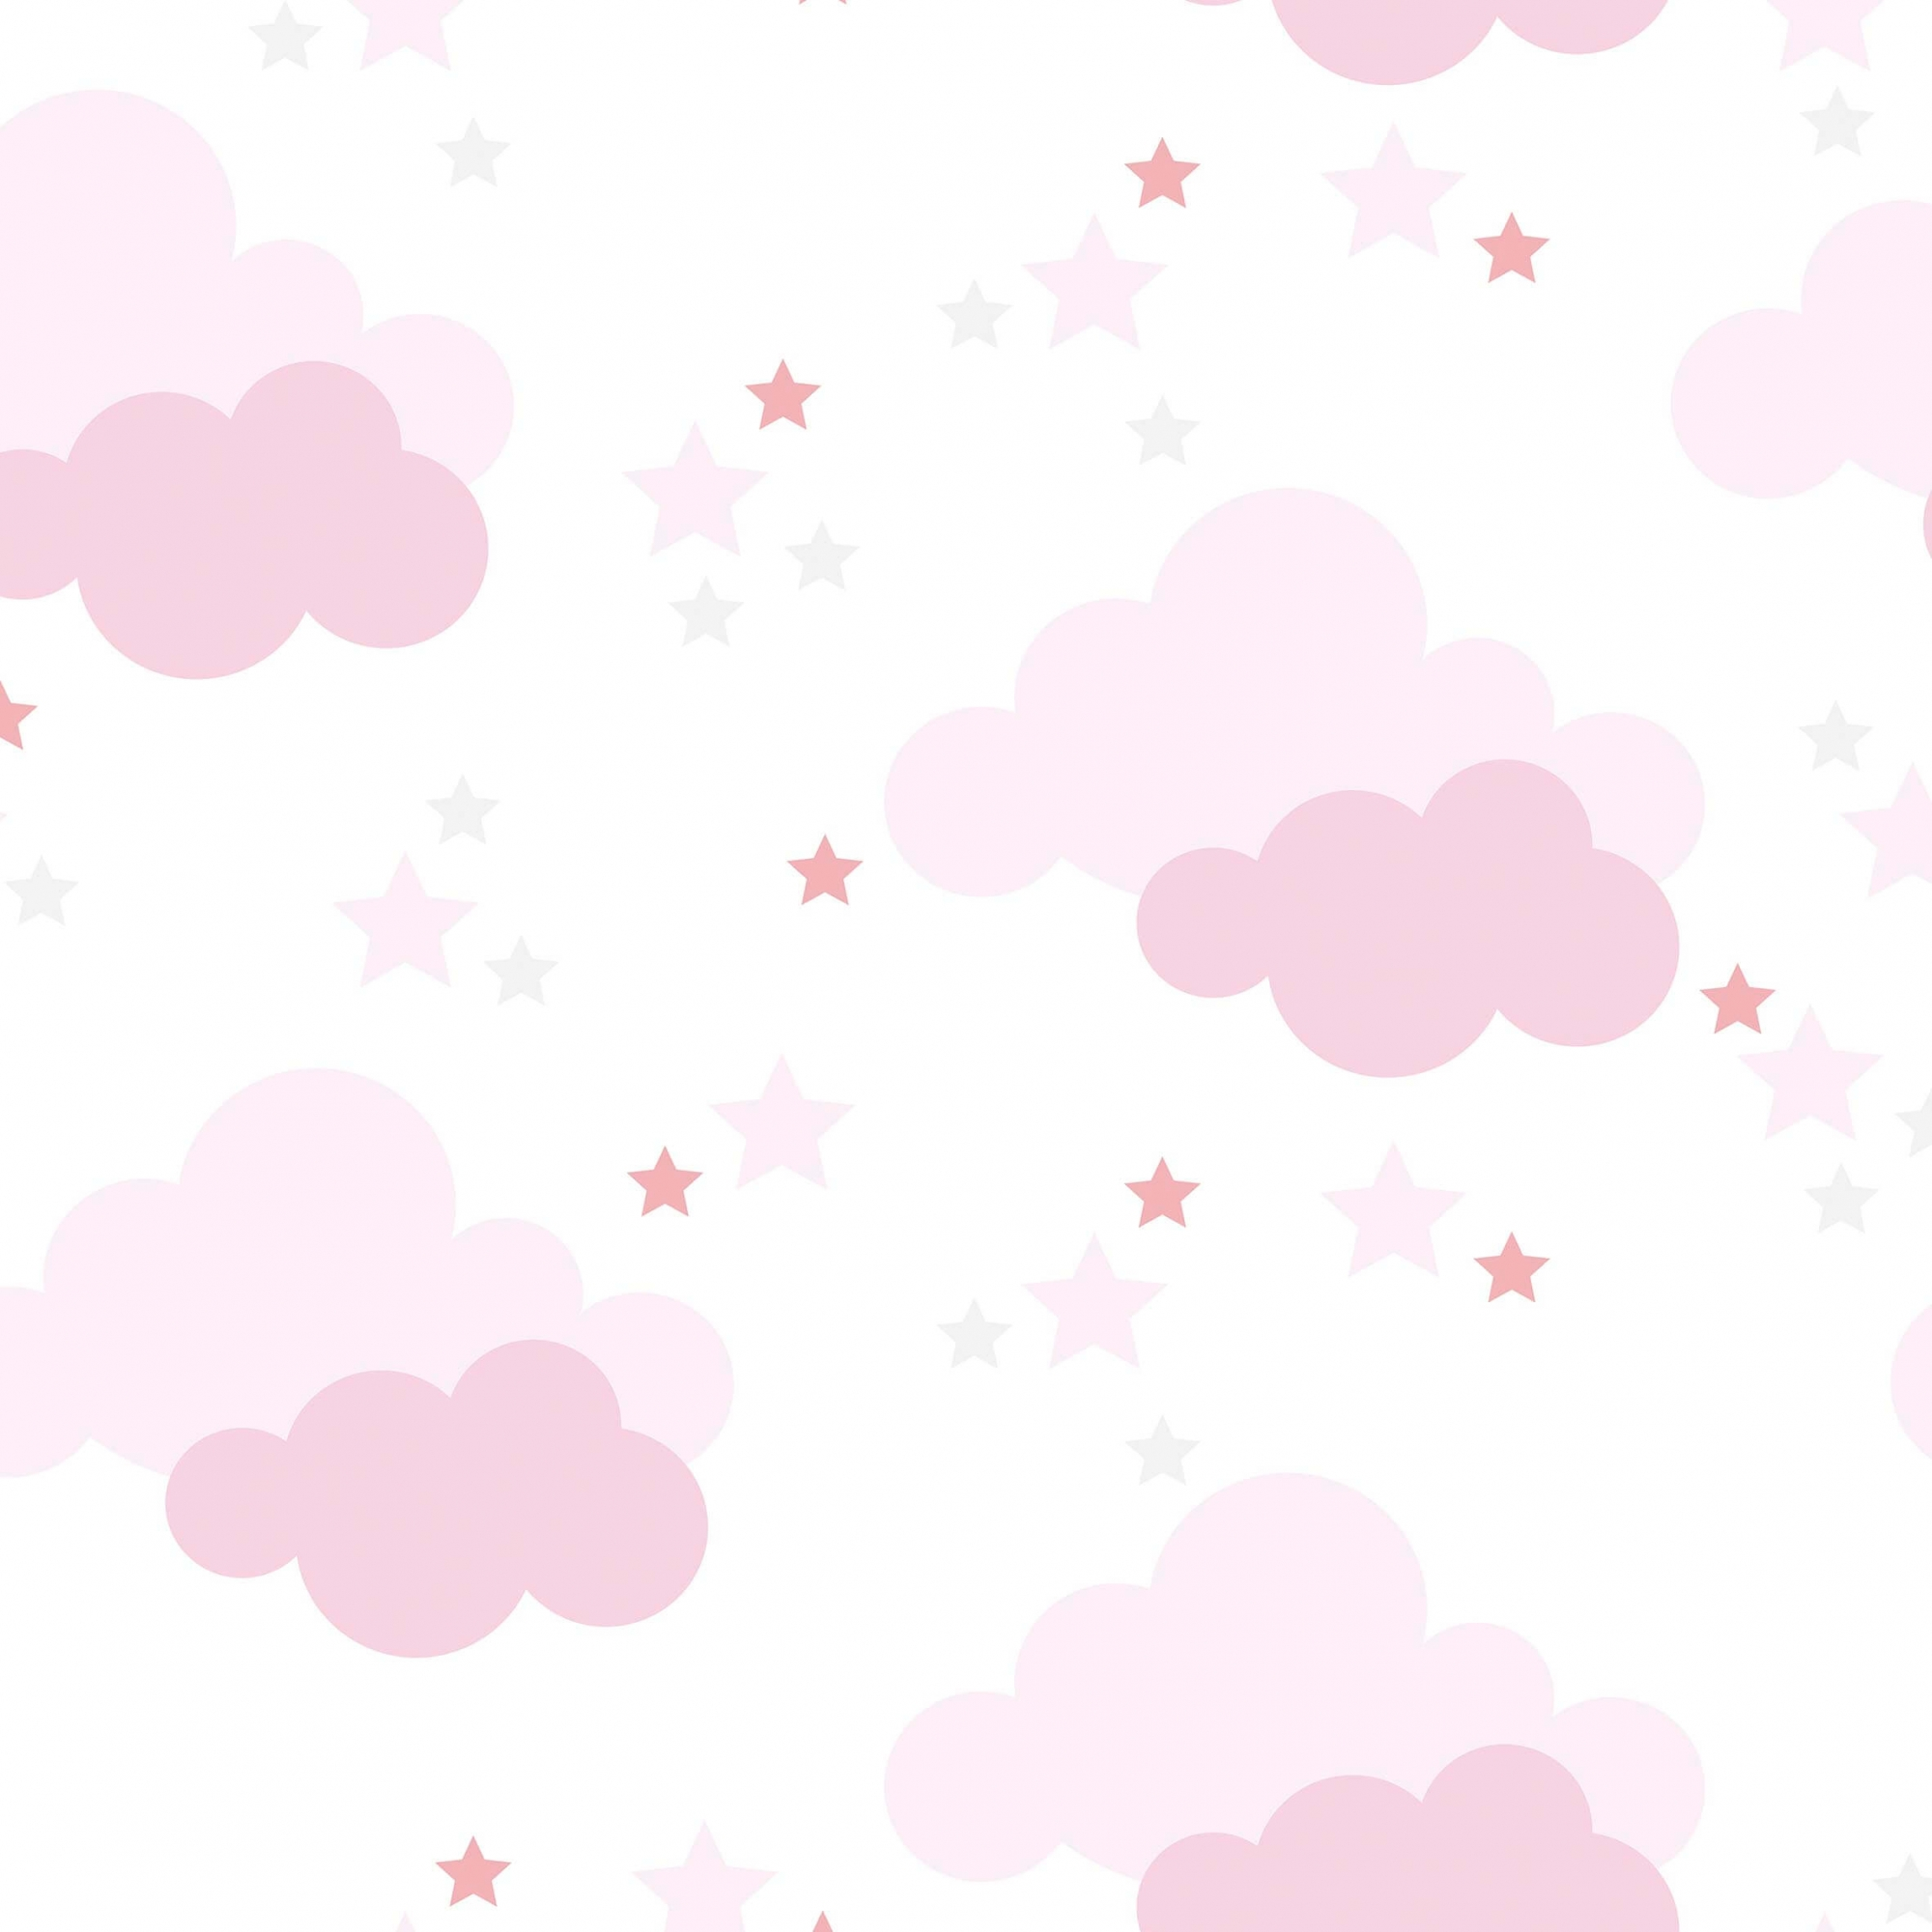 Papel de Parede Baby Nuvem, Estrela Rosa Claro No Fundo Branco